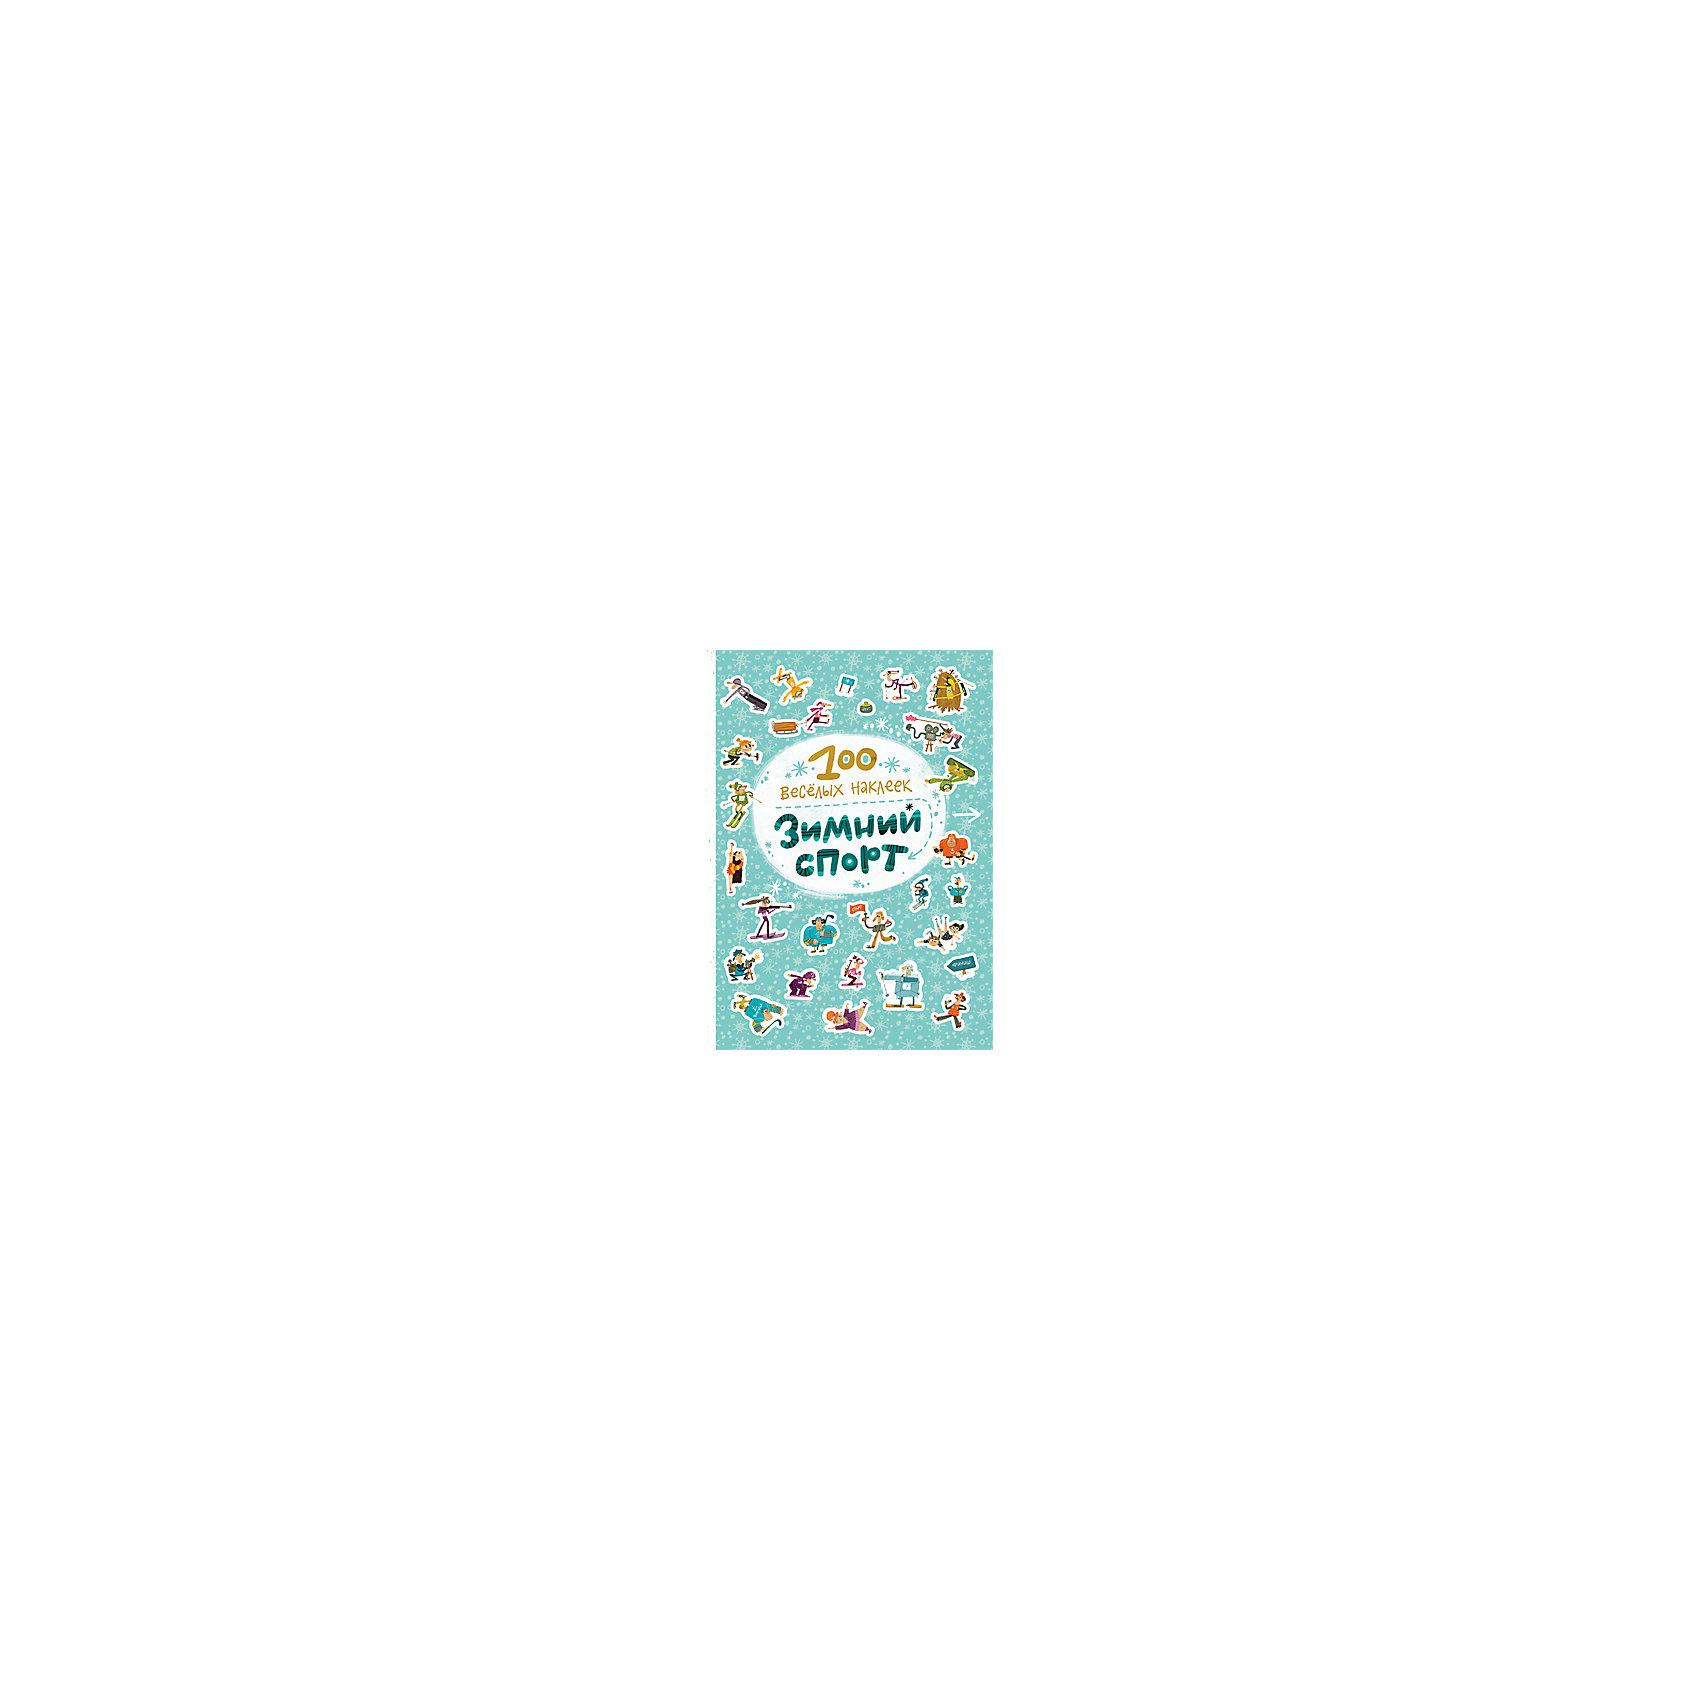 Книга «Зимний спорт» из серии «100 веселых наклеек», Мозаика-СинтезТворчество для малышей<br>Книга «Зимний спорт» из серии «100 веселых наклеек», Мозаика-Синтез<br><br>Характеристики:<br><br>• Издательство: МОЗАИКА-СИНТЕЗ<br>• ISBN: 978-5-43150-857-8<br>• Тип: книга с многоразовыми наклейками.<br>• Раздел знаний: ознакомление с окружающим миром.<br>• Возраст: 5-9 лет.<br>• Размер книги: 325х235 мм.<br>• Количество страниц: 16.<br><br>С замечательной азбукой «Такой разный транспорт» Ваш ребенок не только выучит алфавит, но и познакомится с различными видами транспорта. Запомнить все буквы ему помогут яркие иллюстрации, веселые стихотворения и увлекательные задания с наклейками. Каждой букве посвящена отдельная страница. <br><br>Ребенку предстоит прослушать забавное стихотворение и рассмотреть красочный рисунок, который нужно дополнить, отыскав картинки на соответствующую букву среди наклеек. Кстати, наклейки в книге многоразовые, поэтому малыш может смело экспериментировать, не боясь ошибиться.<br><br>Книгу «Зимний спорт» из серии «100 веселых наклеек», Мозаика-Синтез, можно купить в нашем интернет – магазине.<br><br>Ширина мм: 2<br>Глубина мм: 235<br>Высота мм: 325<br>Вес г: 171<br>Возраст от месяцев: 60<br>Возраст до месяцев: 108<br>Пол: Унисекс<br>Возраст: Детский<br>SKU: 5428890